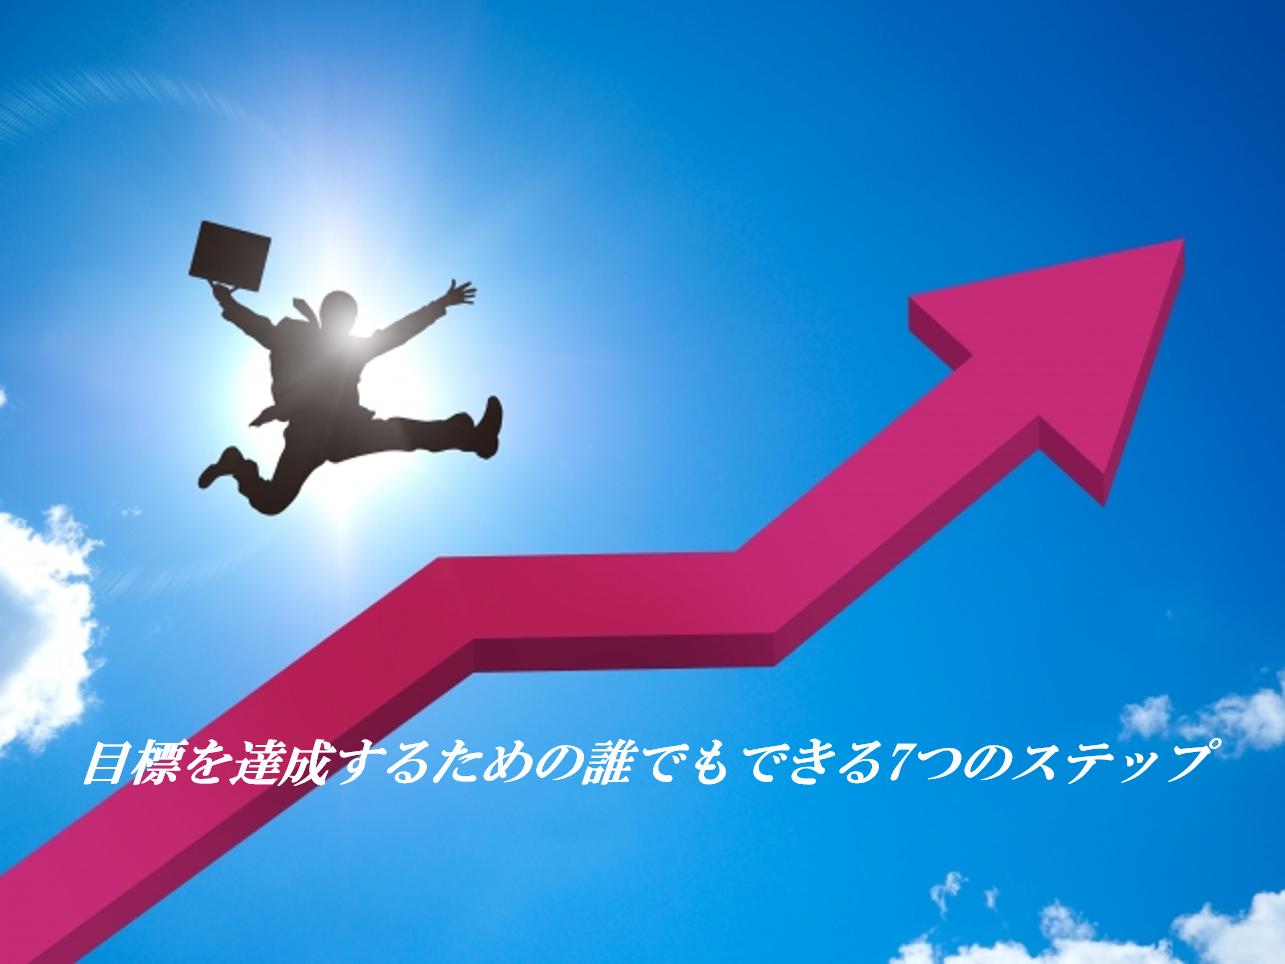 目標を達成するための誰でもできる7つのステップ